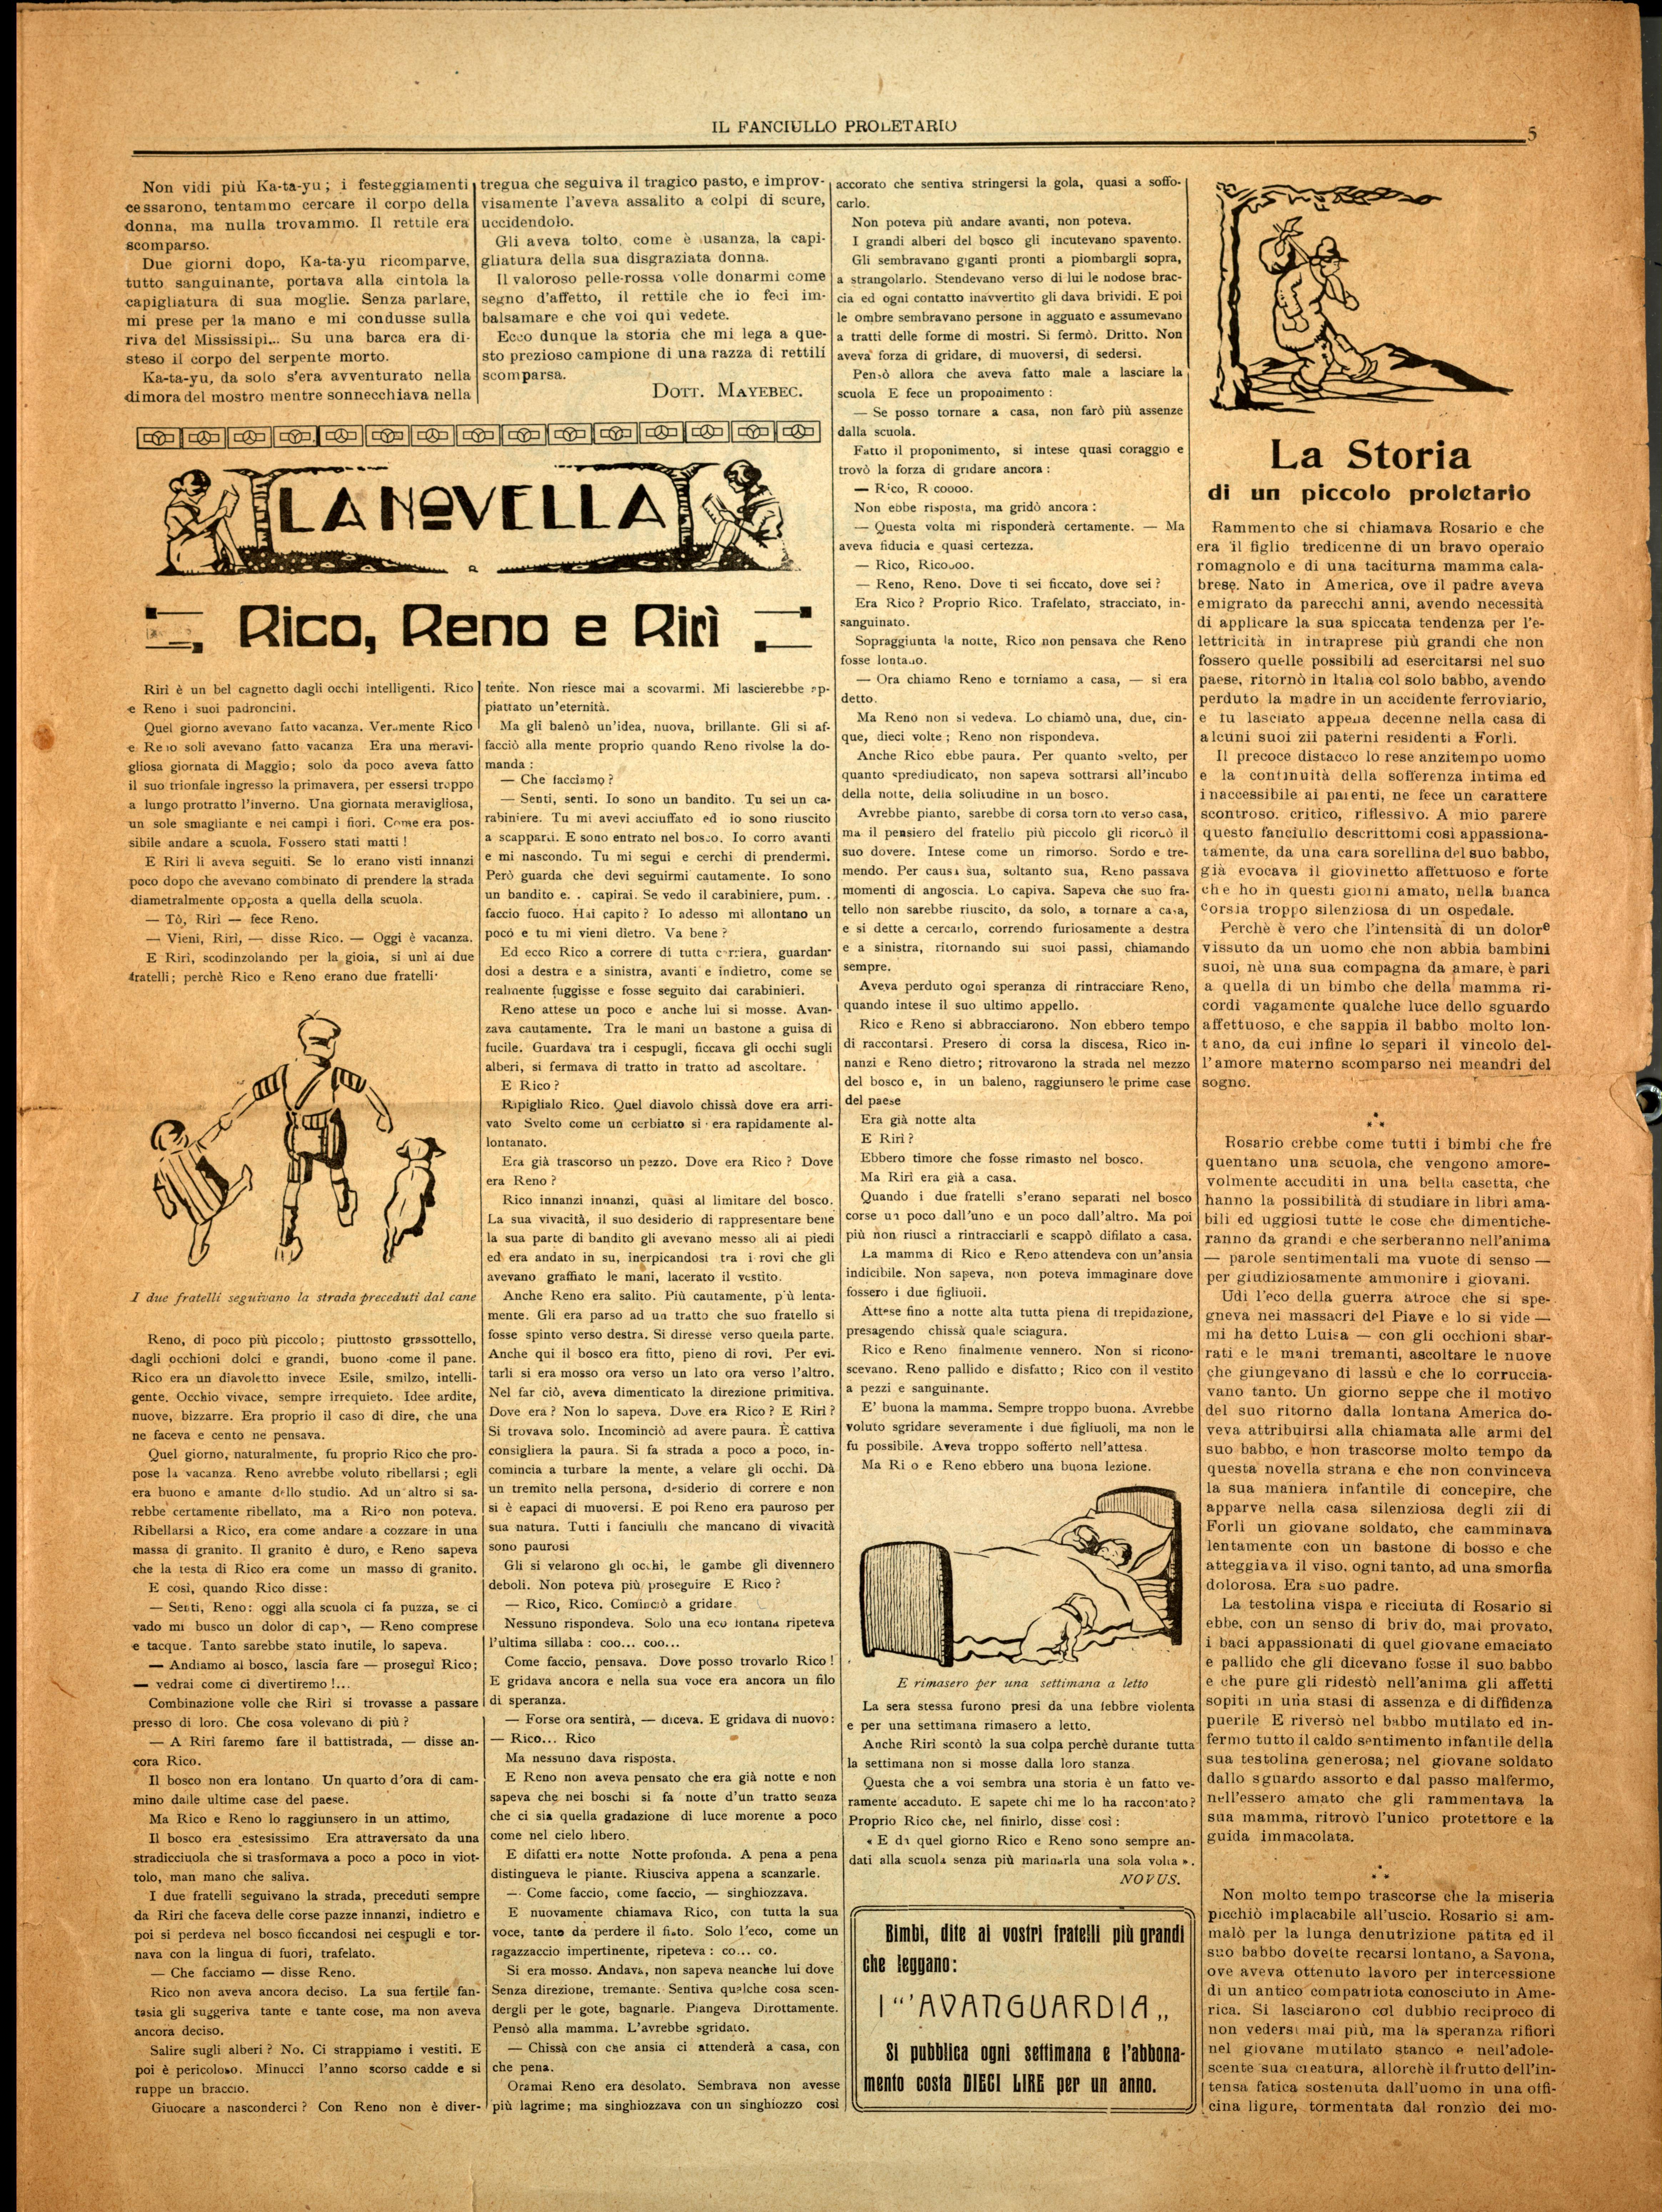 Il Fanciullo Proletario n. 1 (settembre 1922) - pag. 5